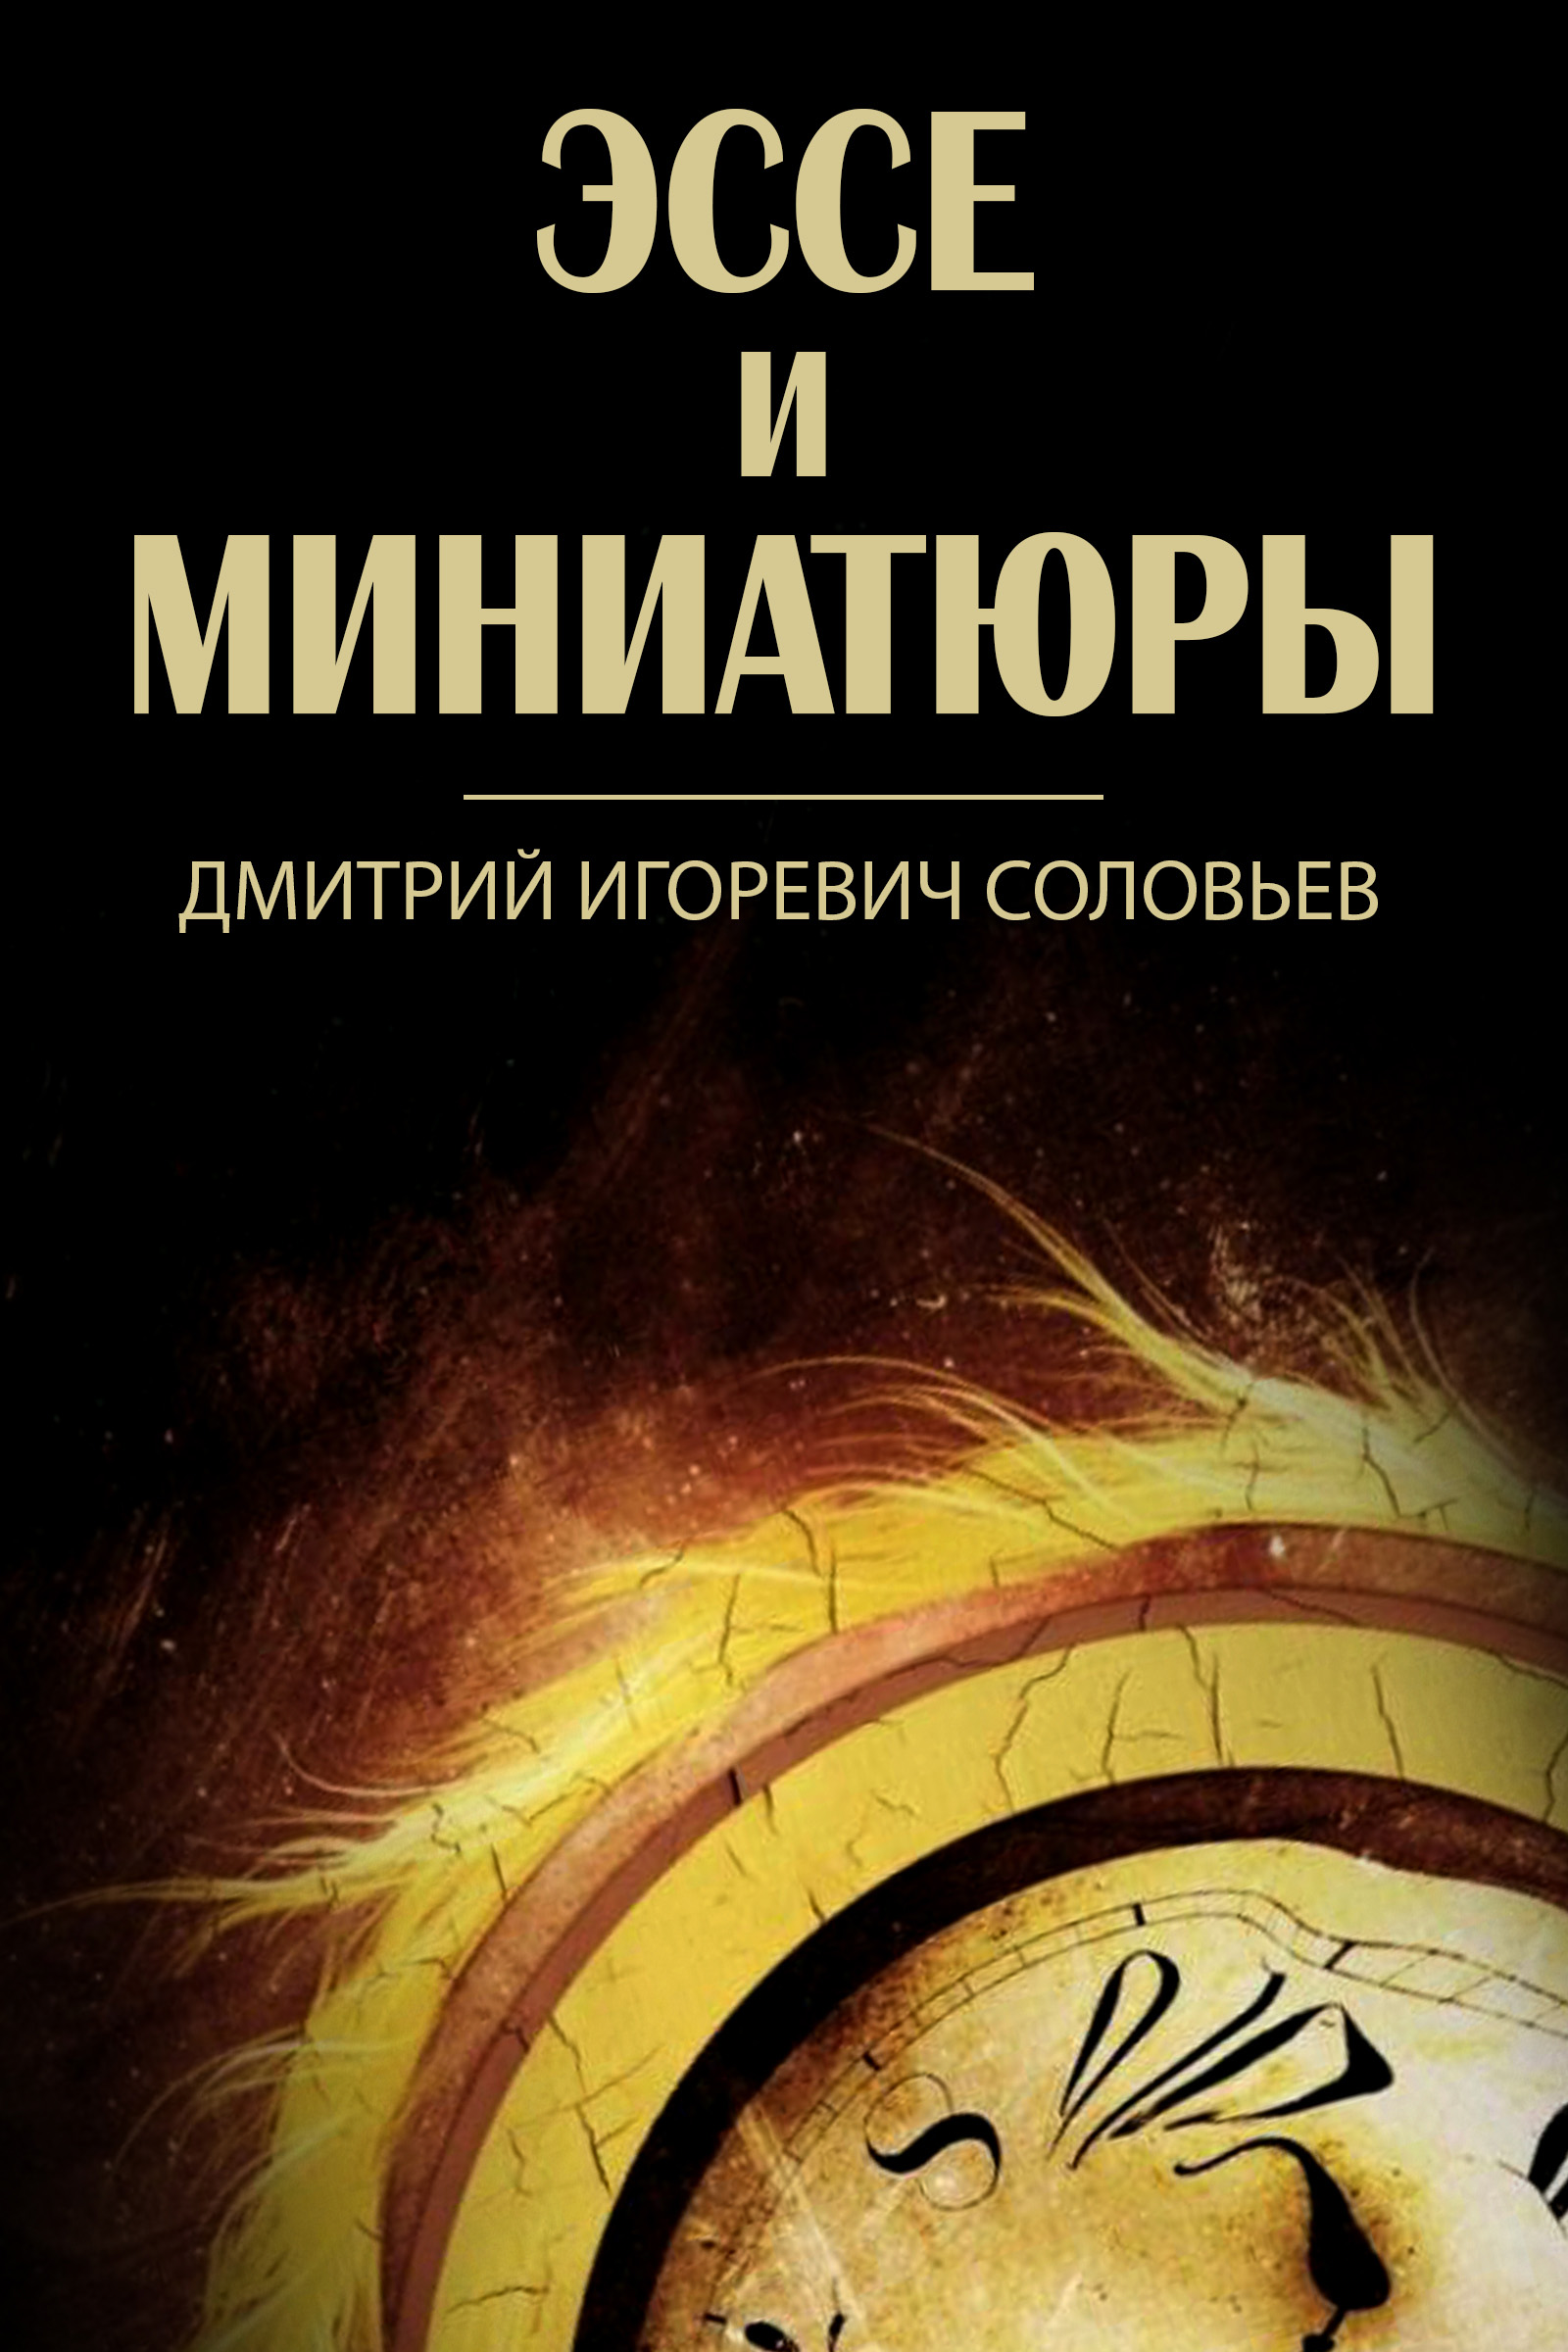 Дмитрий Соловьев Эссе и миниатюры (сборник) сборник о боге – cпасителе мира